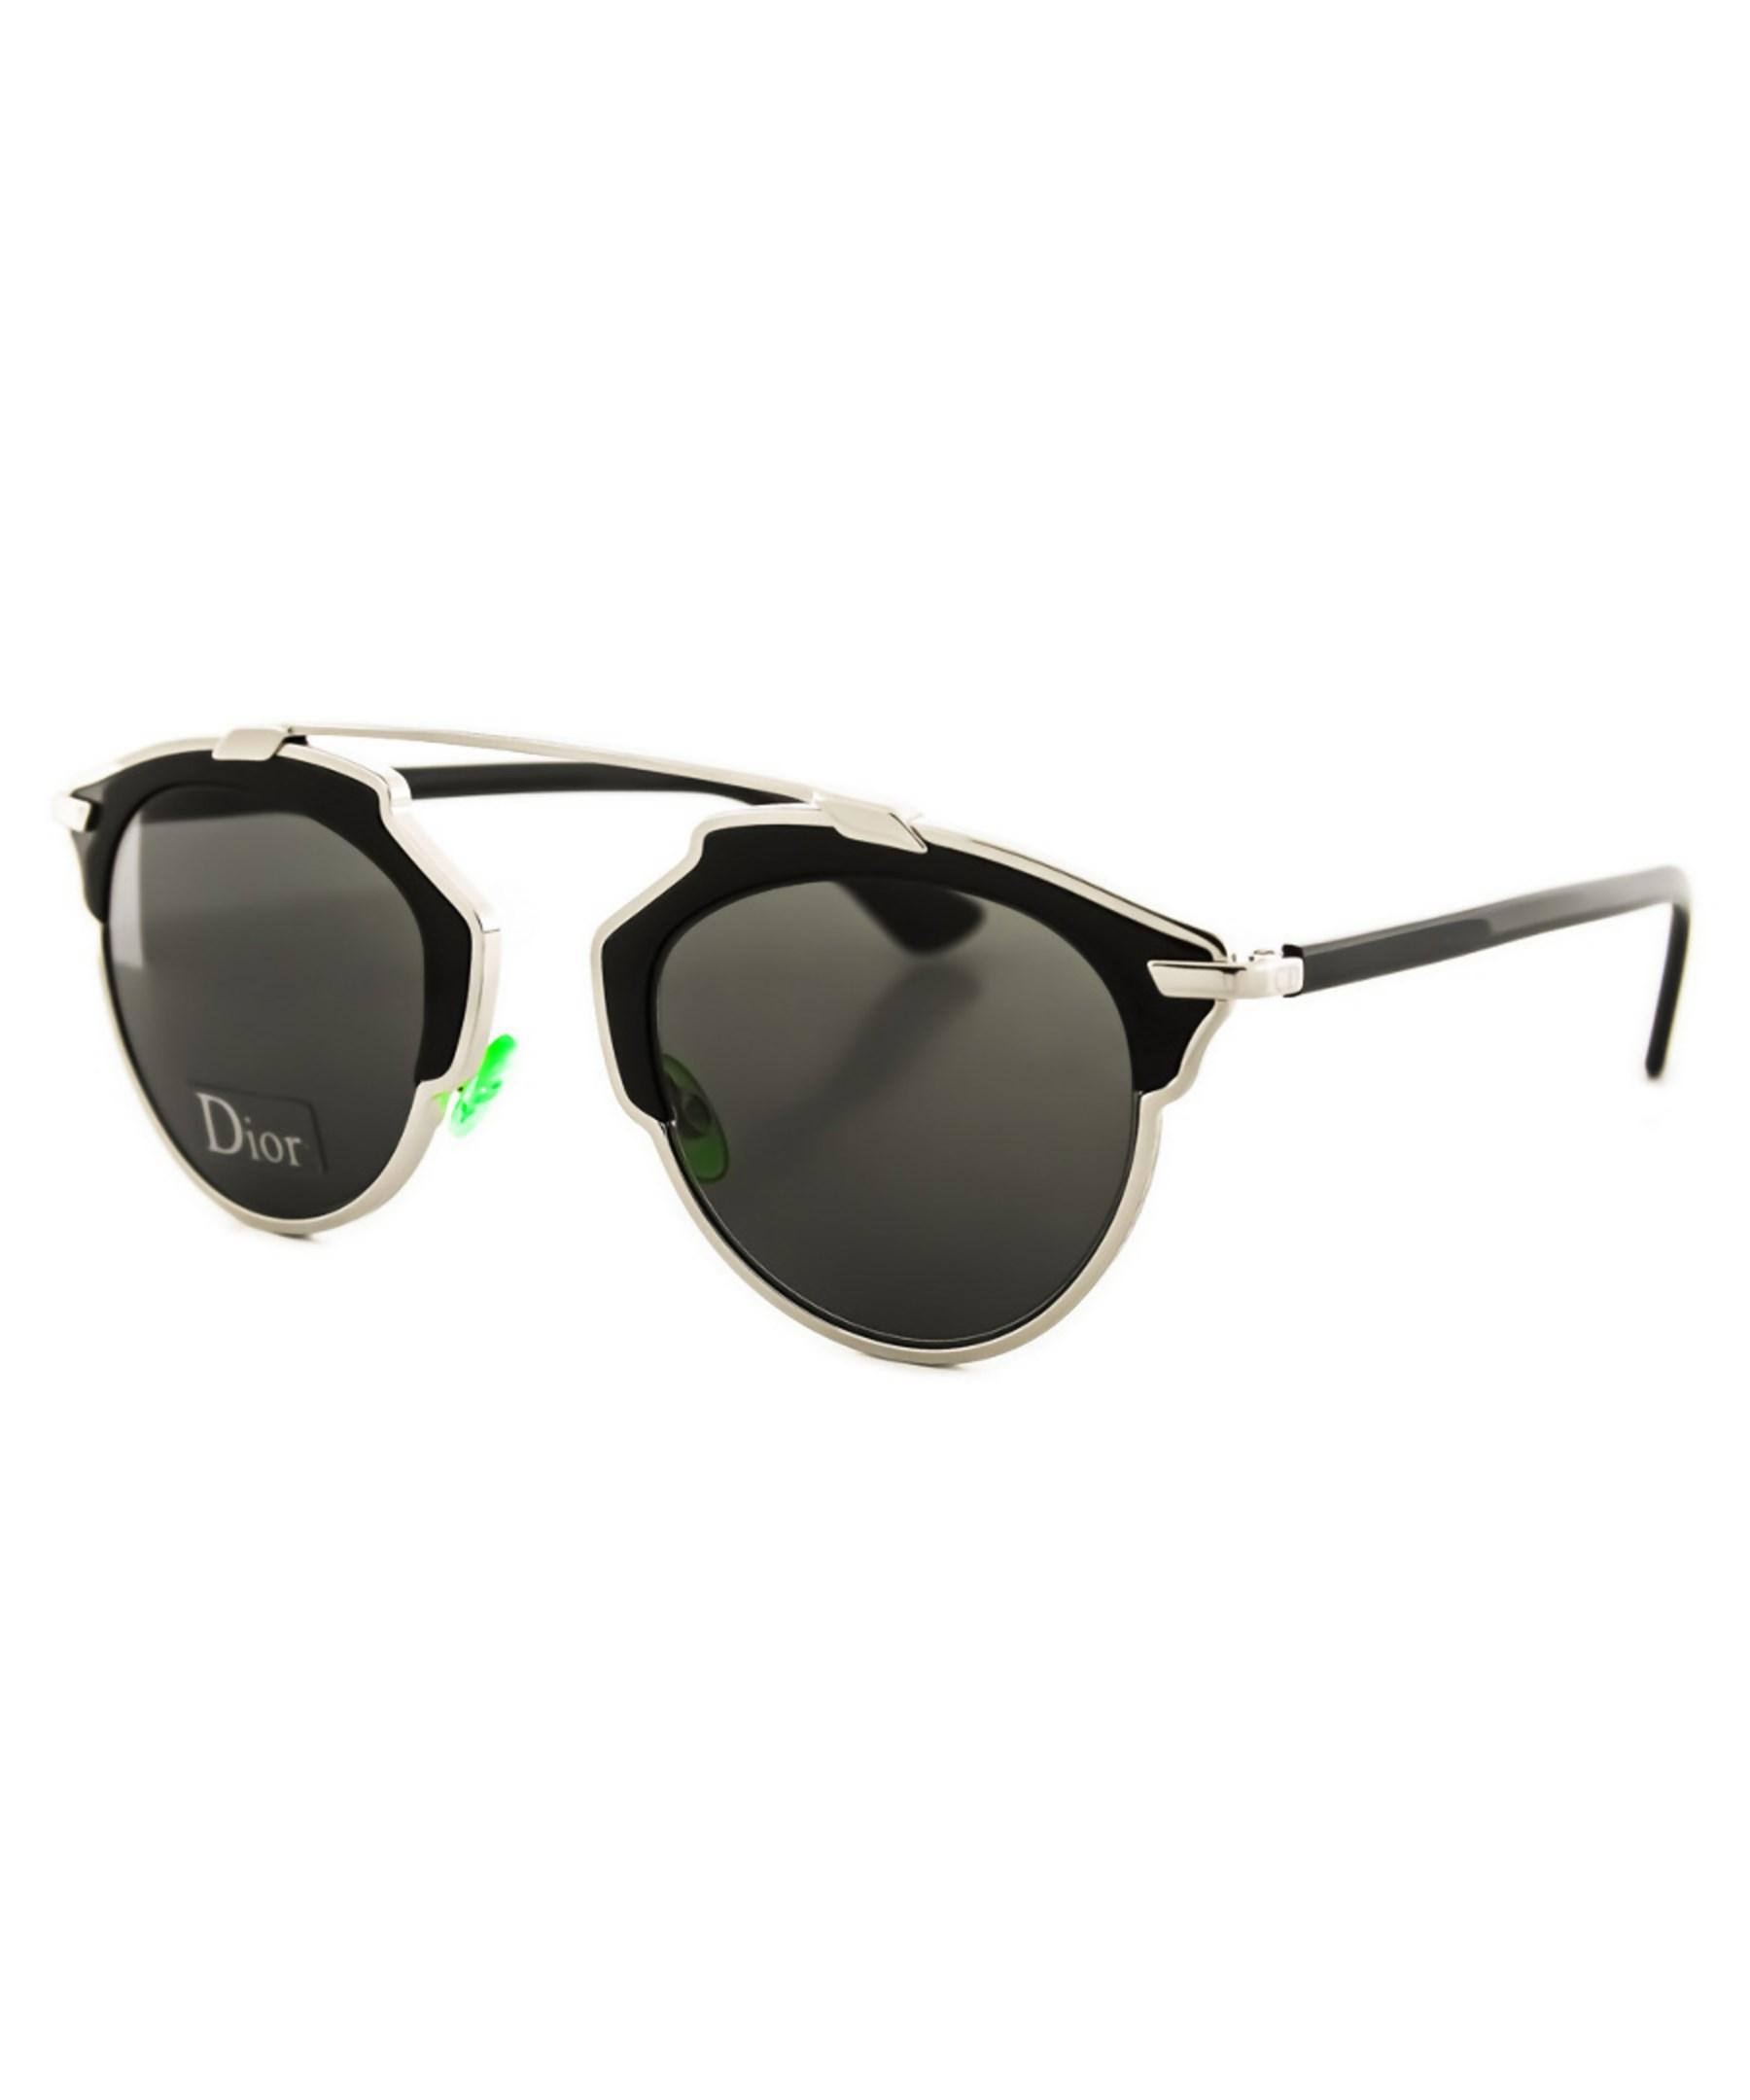 Dior Women's So Real Sunglasses in Black